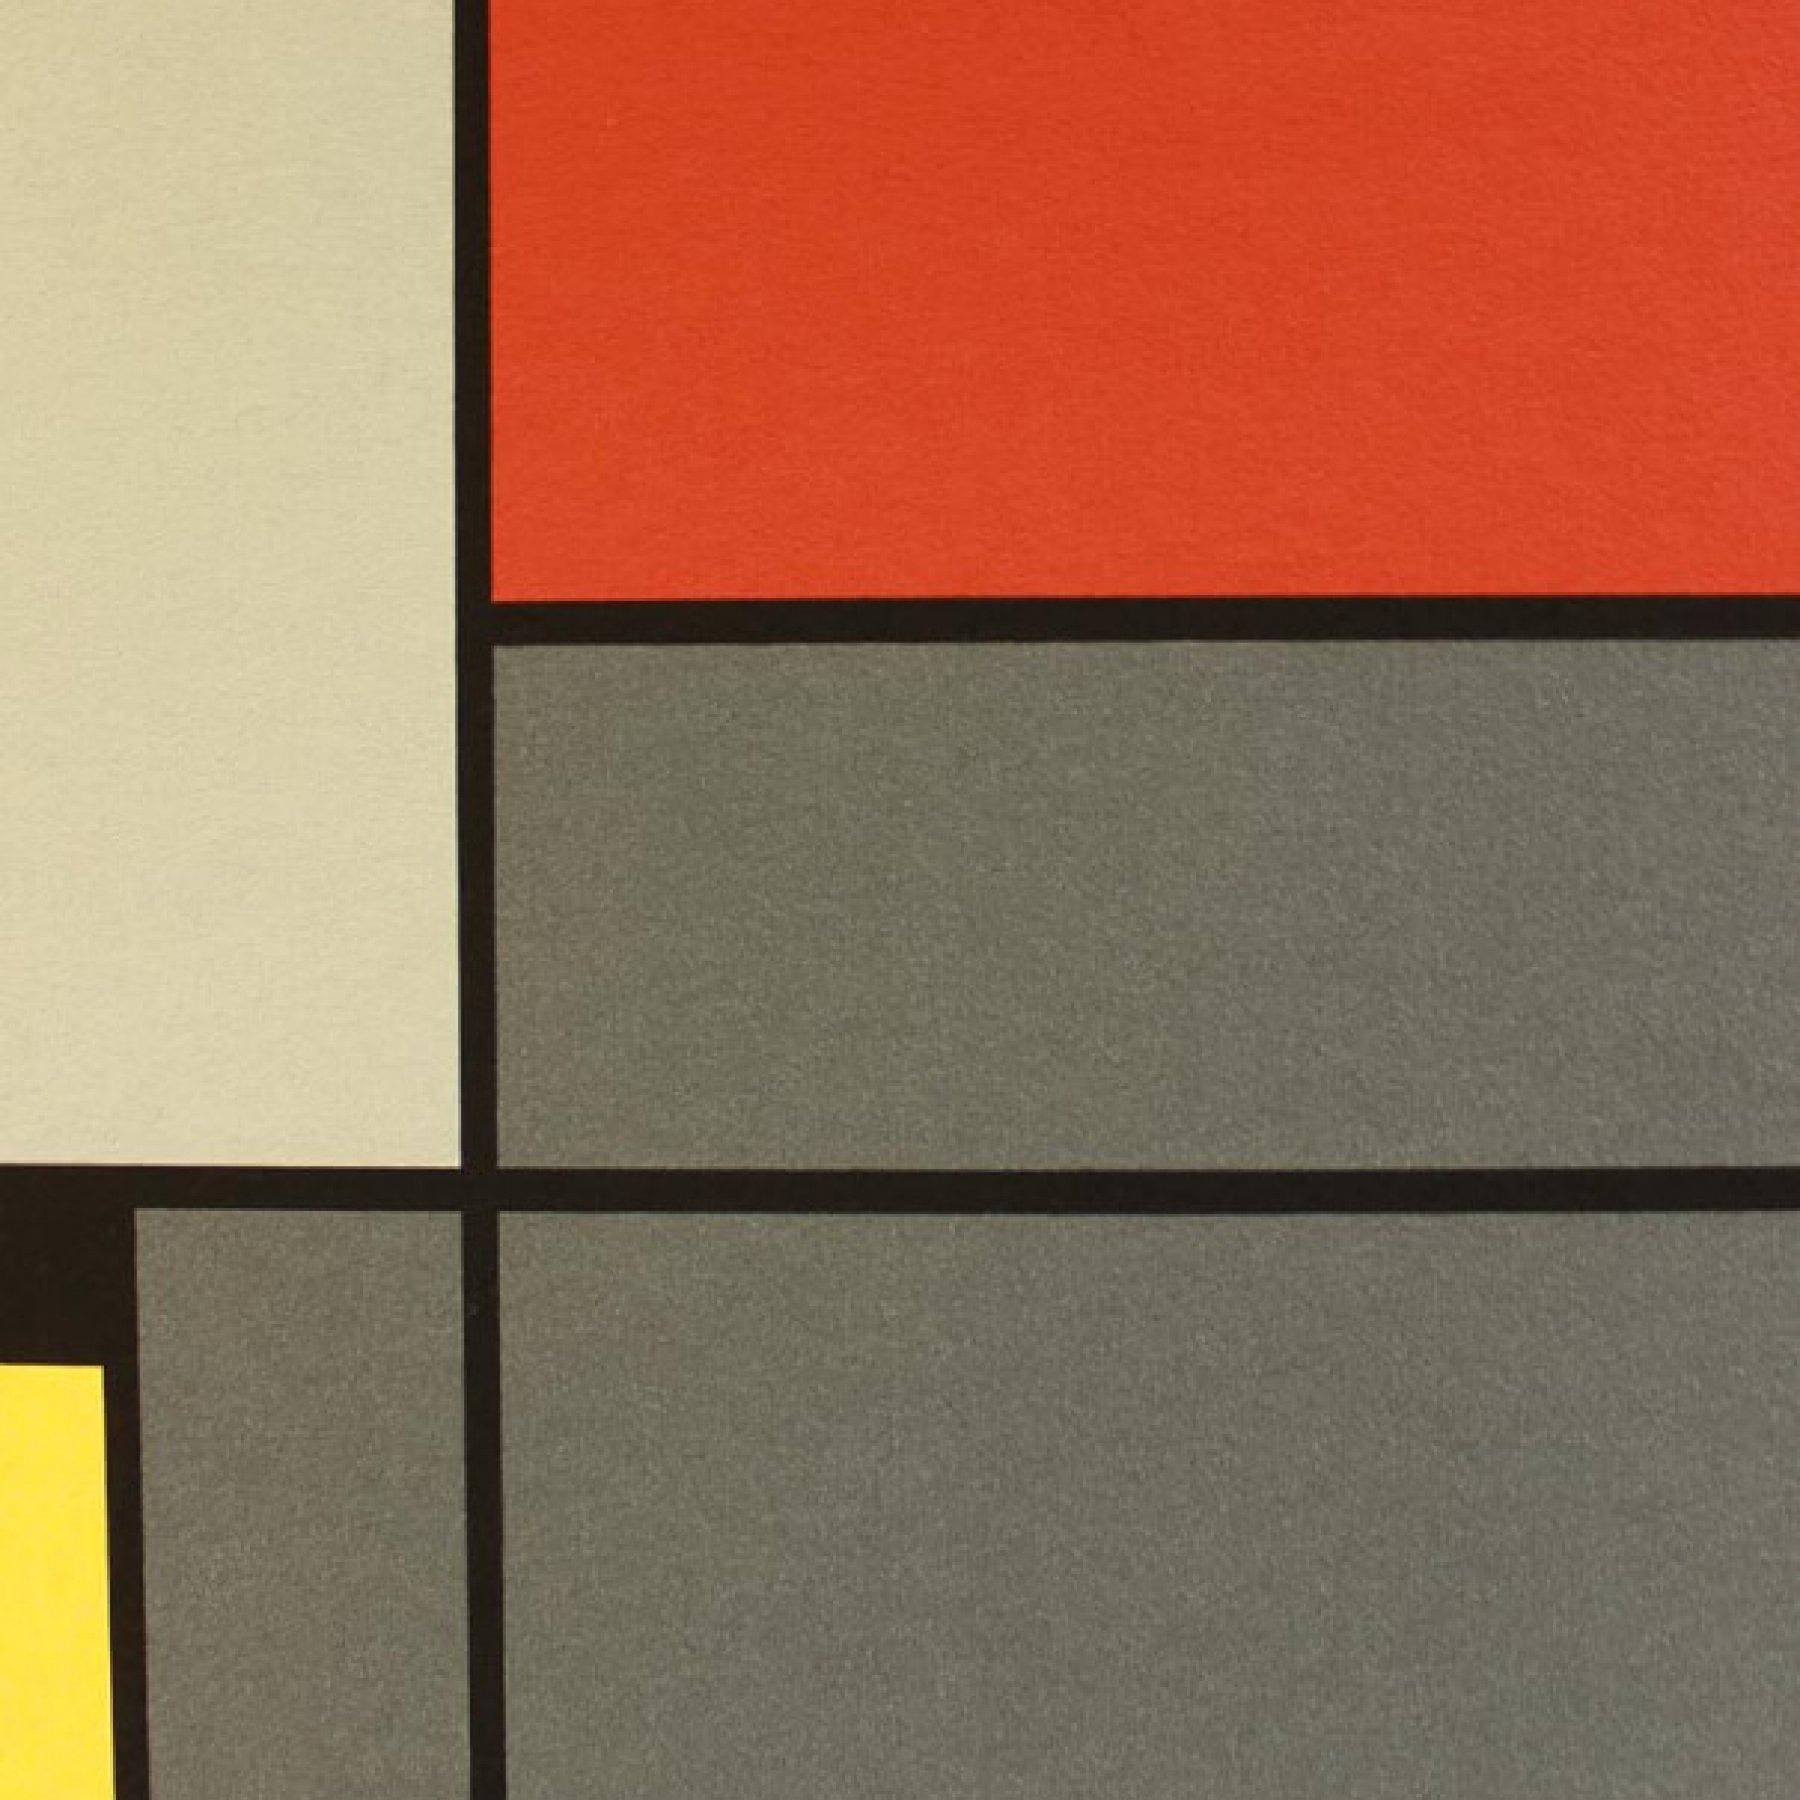 Tableau I | Piet Mondrian